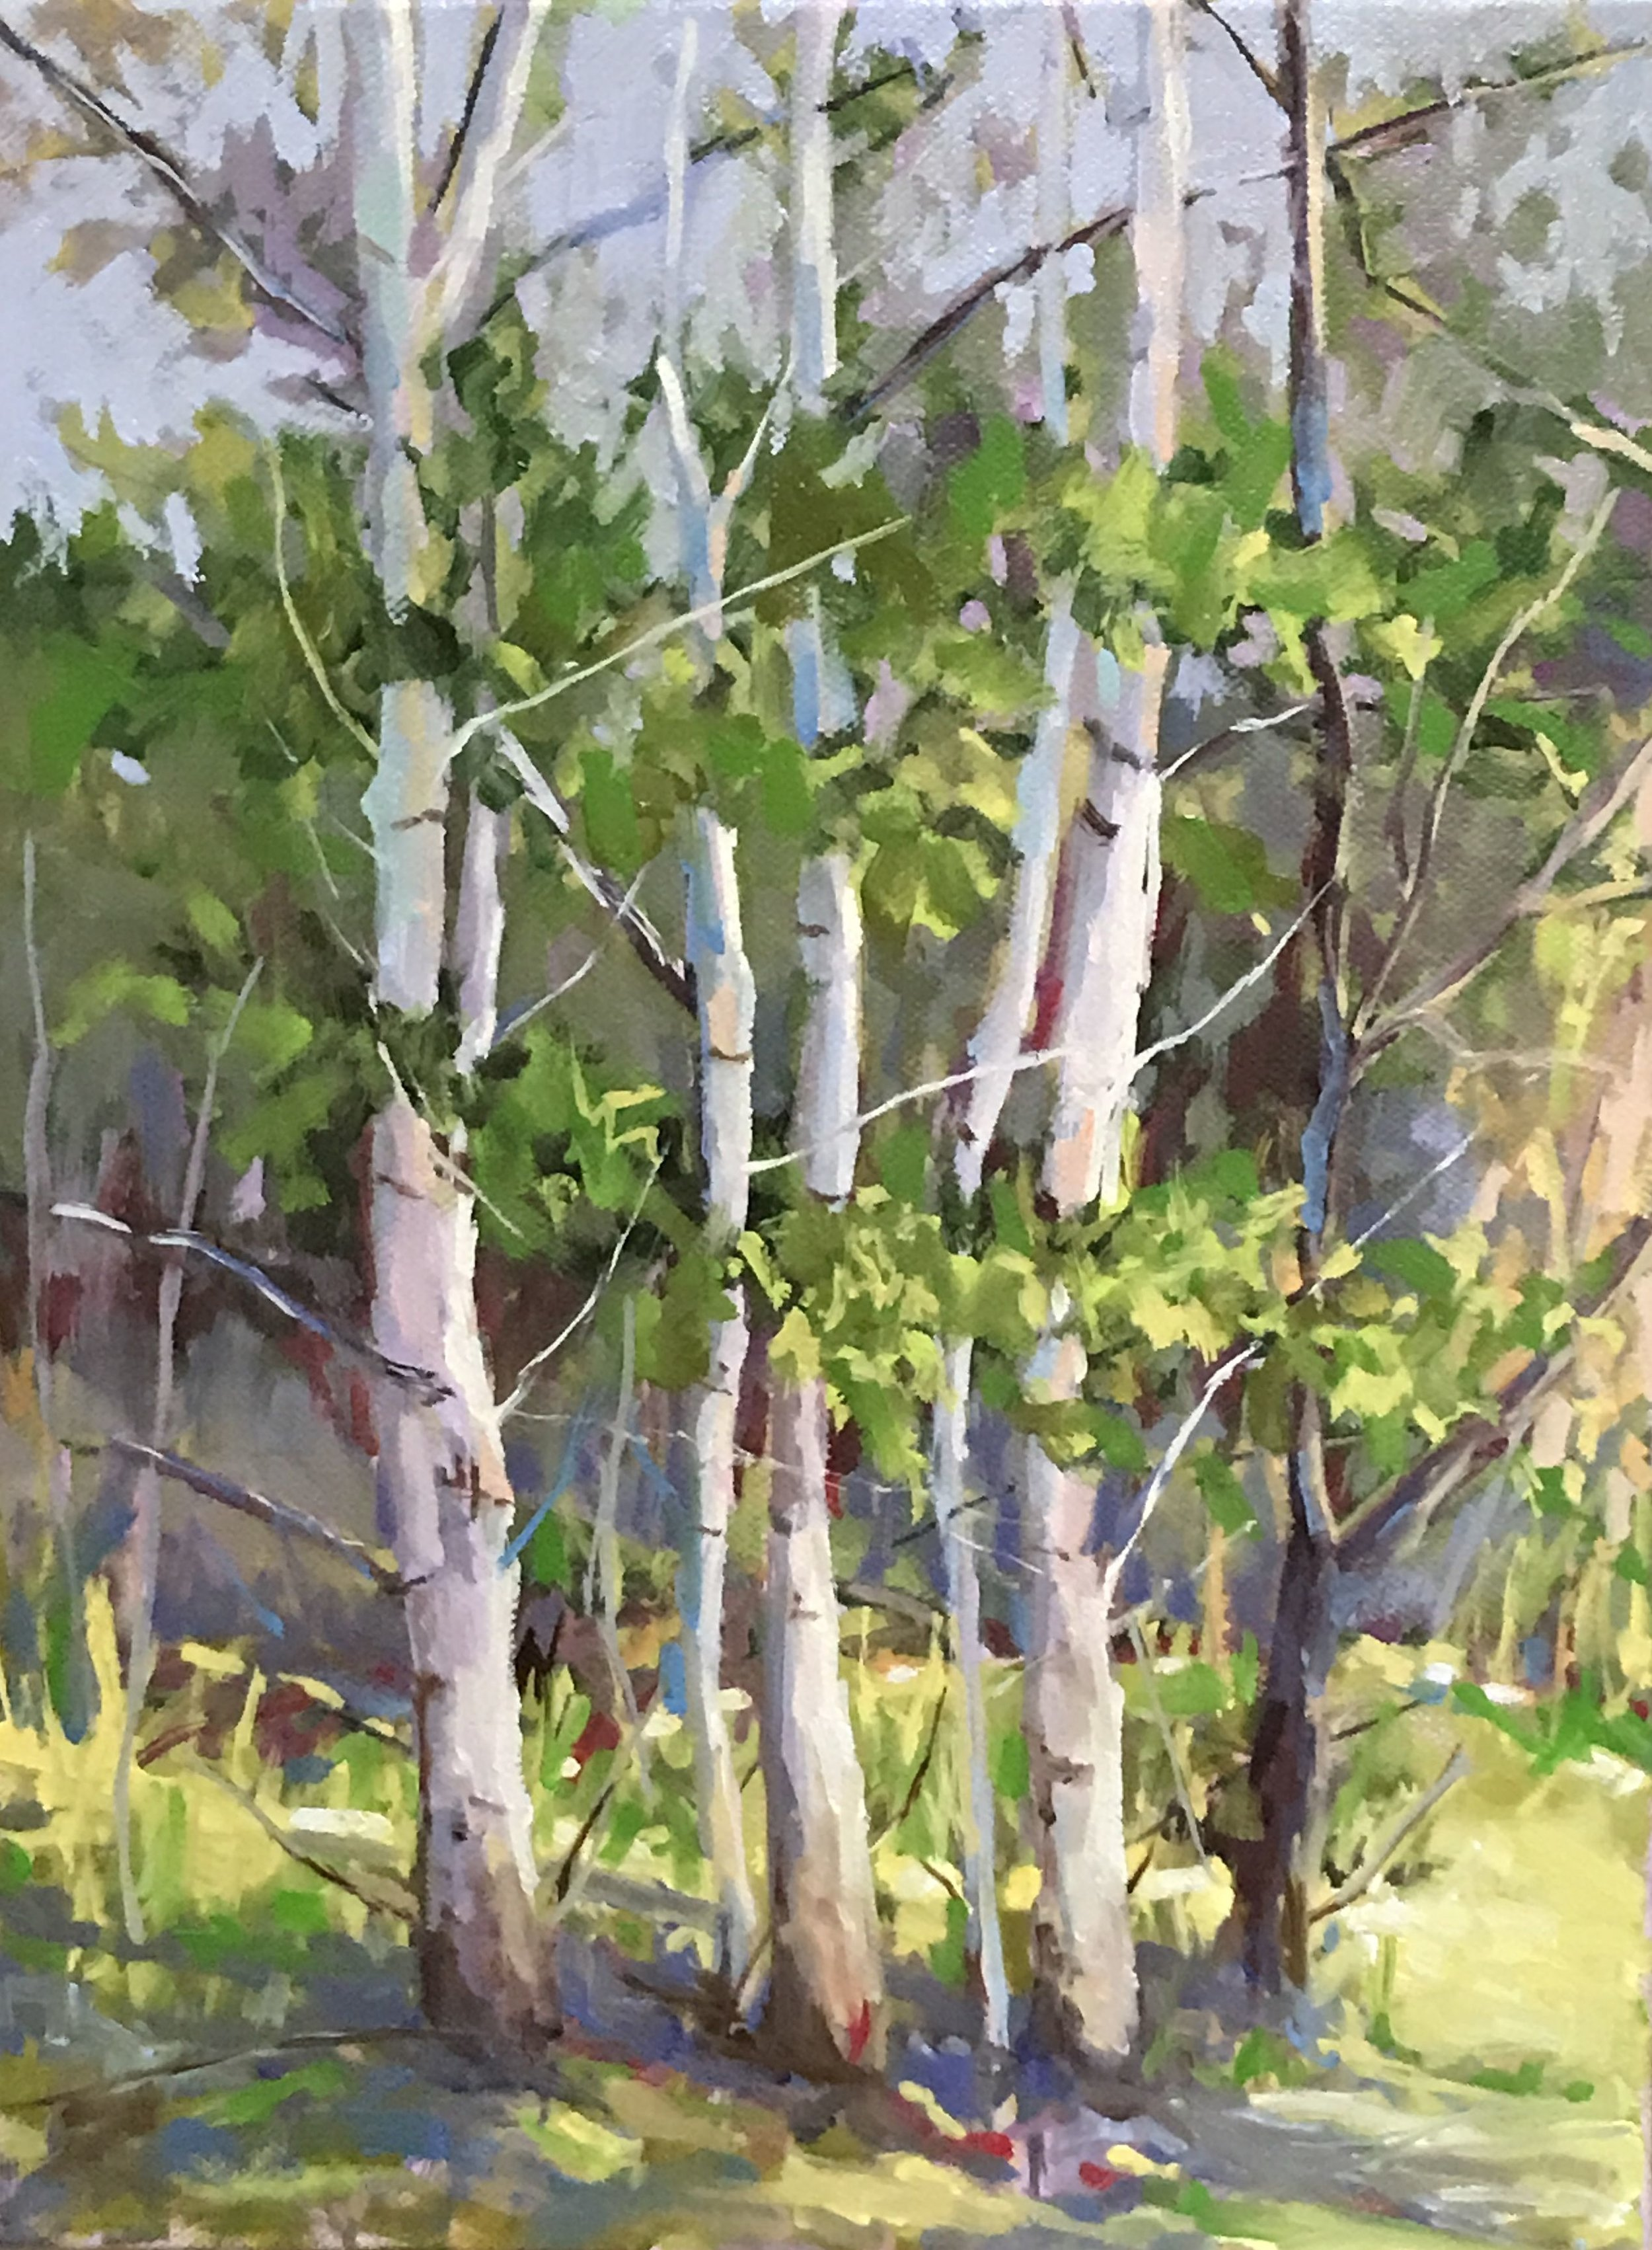 Janette Gray, Birch